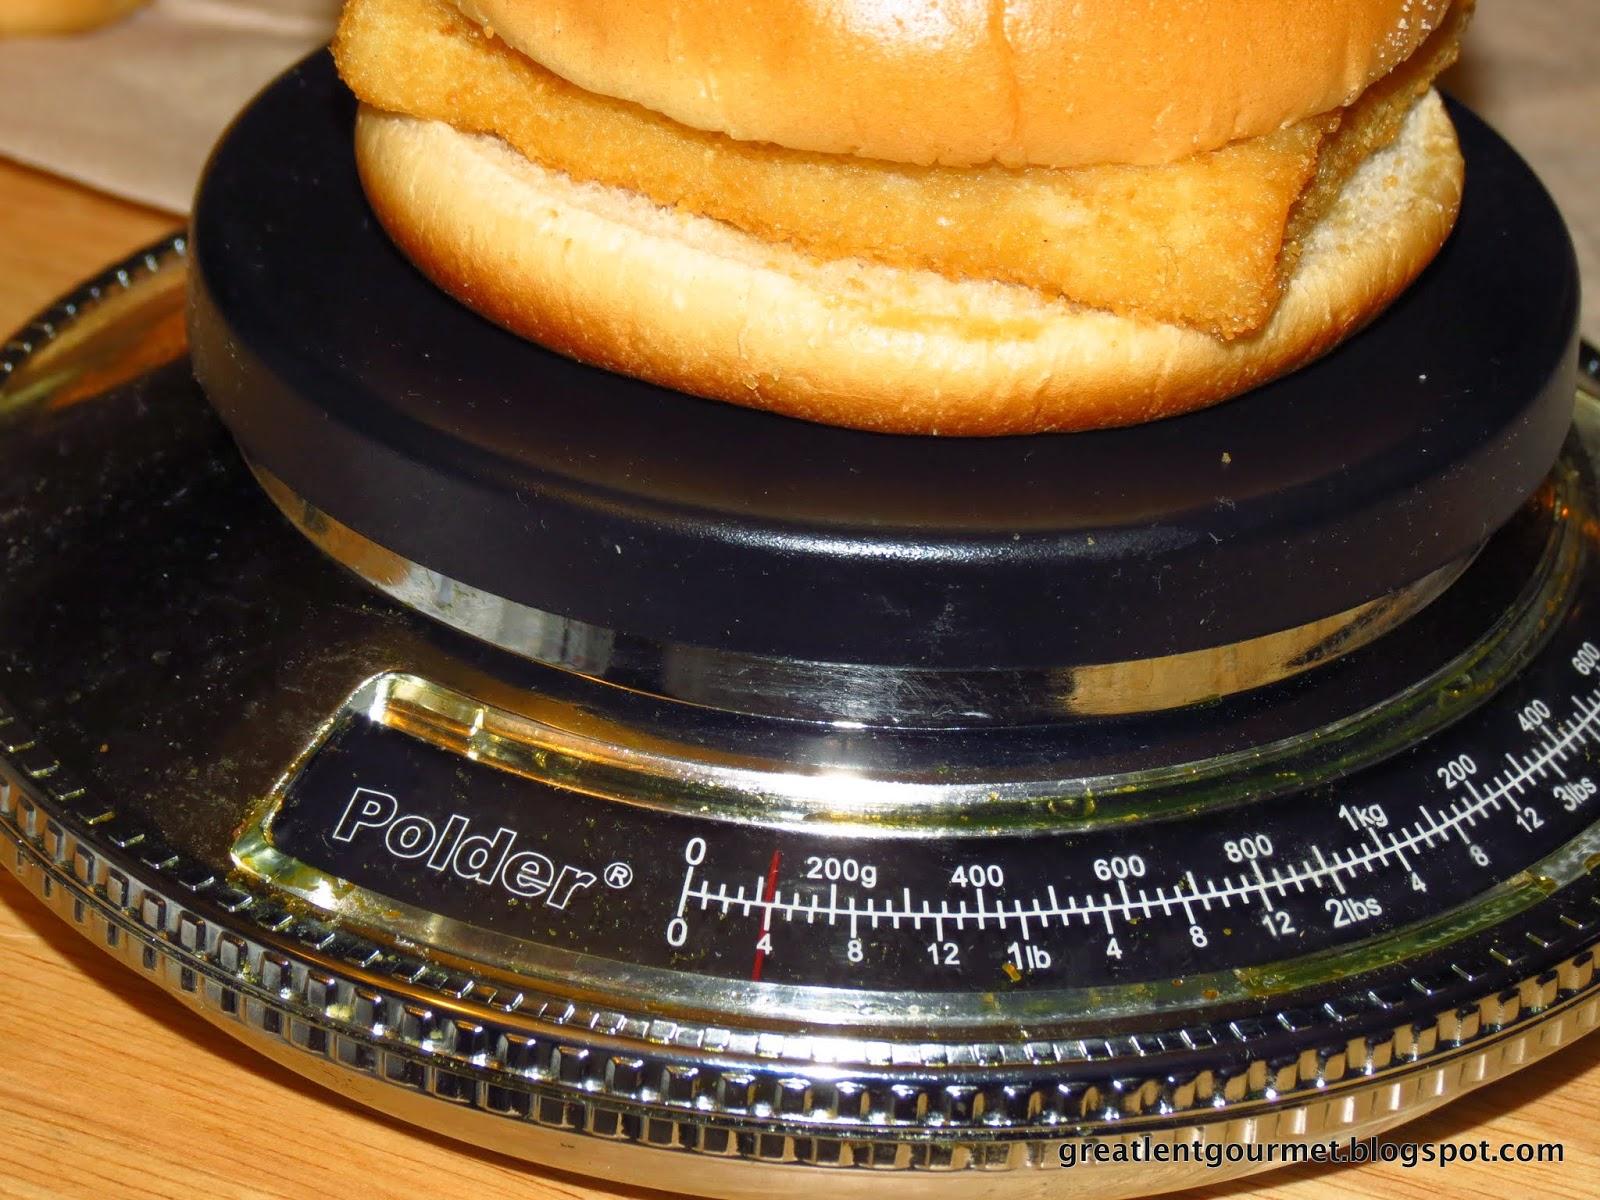 mcdonalds filet o fish vs burger king bk big fish html